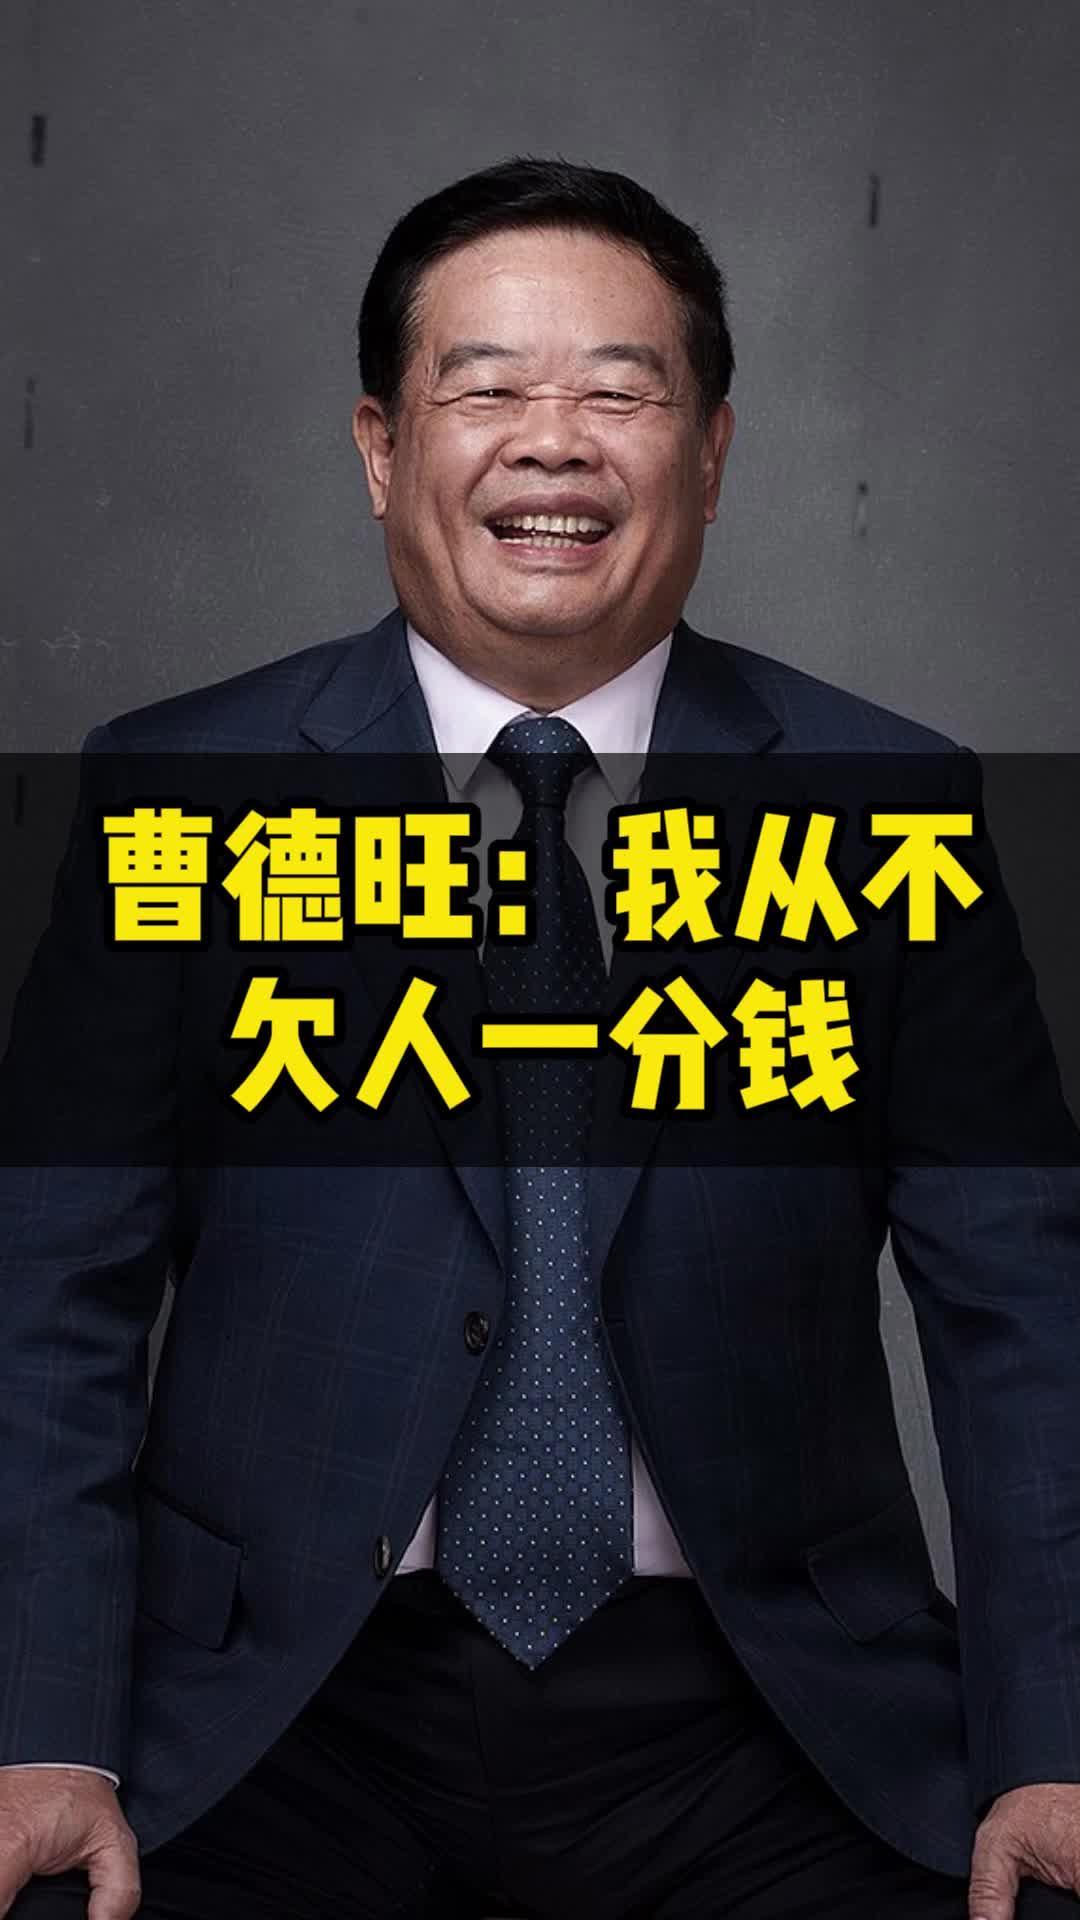 曹德旺:做生意60年,从没蒙过别人一分钱,信用最重要